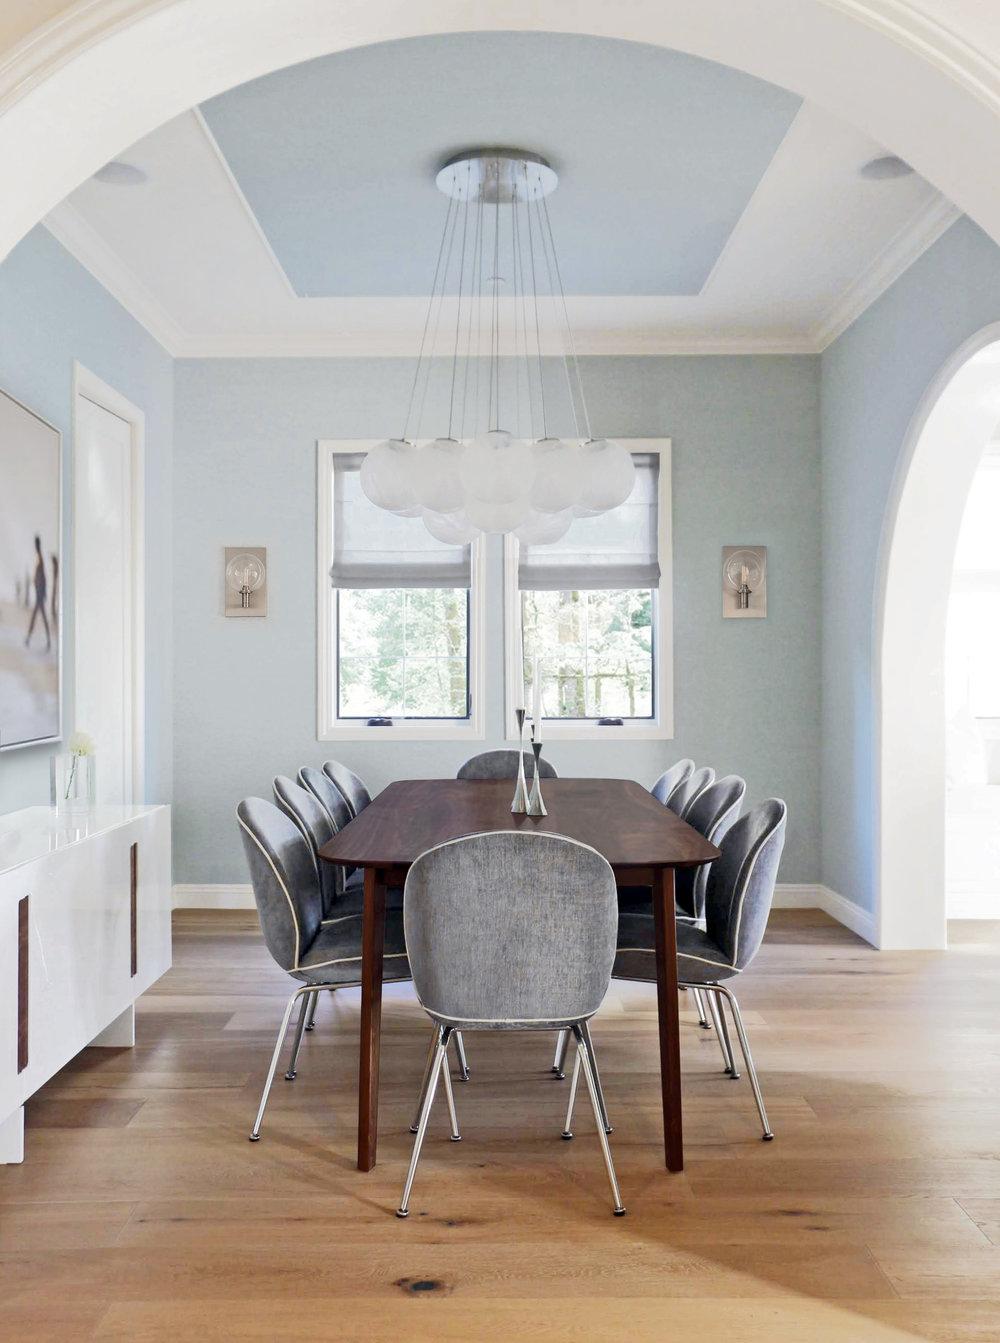 Marjorie-Dining-Room-1.jpg